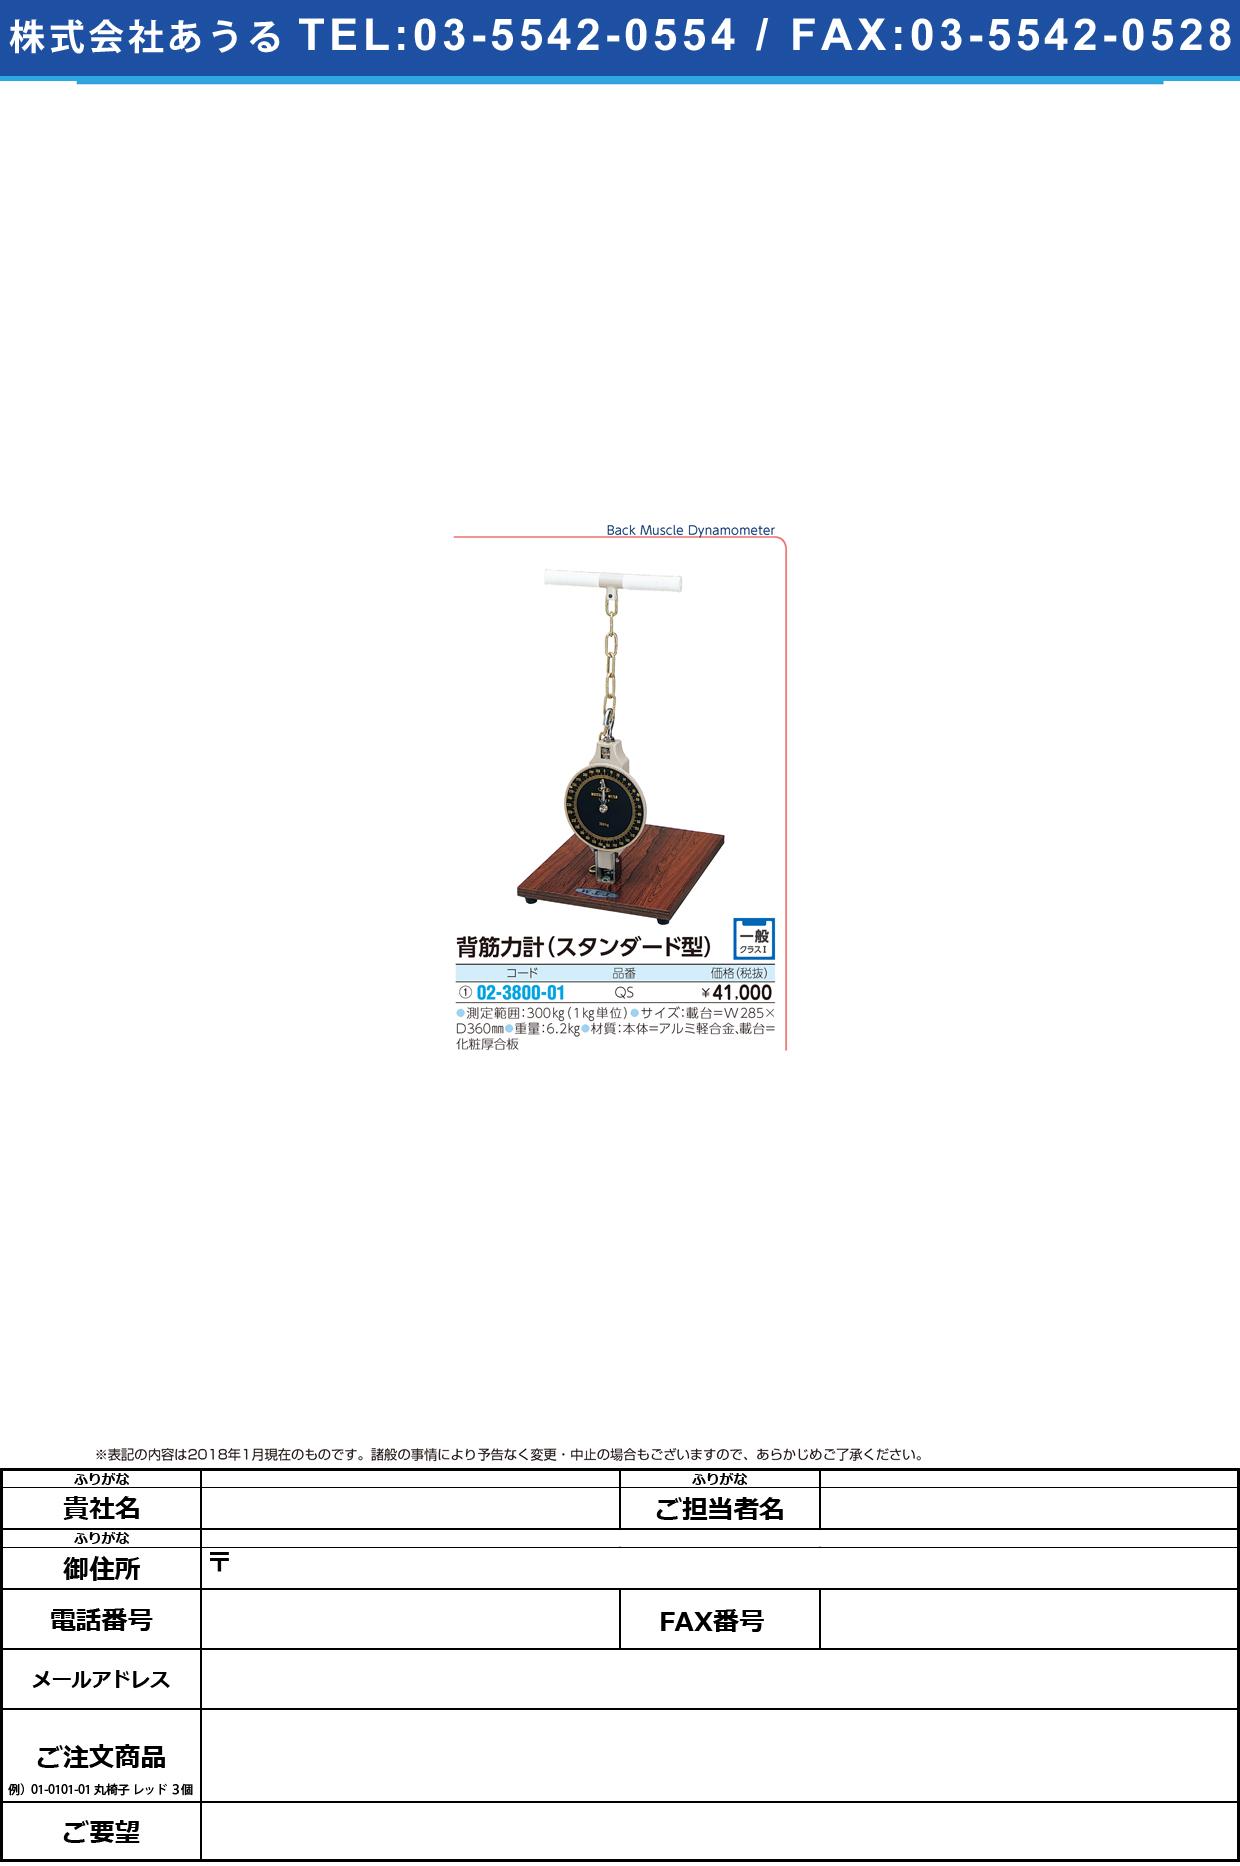 (02-3800-01)背筋力計(スタンダード型) QS(300KG) ハイキンリョクケイスタンダードガタ【1台単位】【2018年カタログ商品】